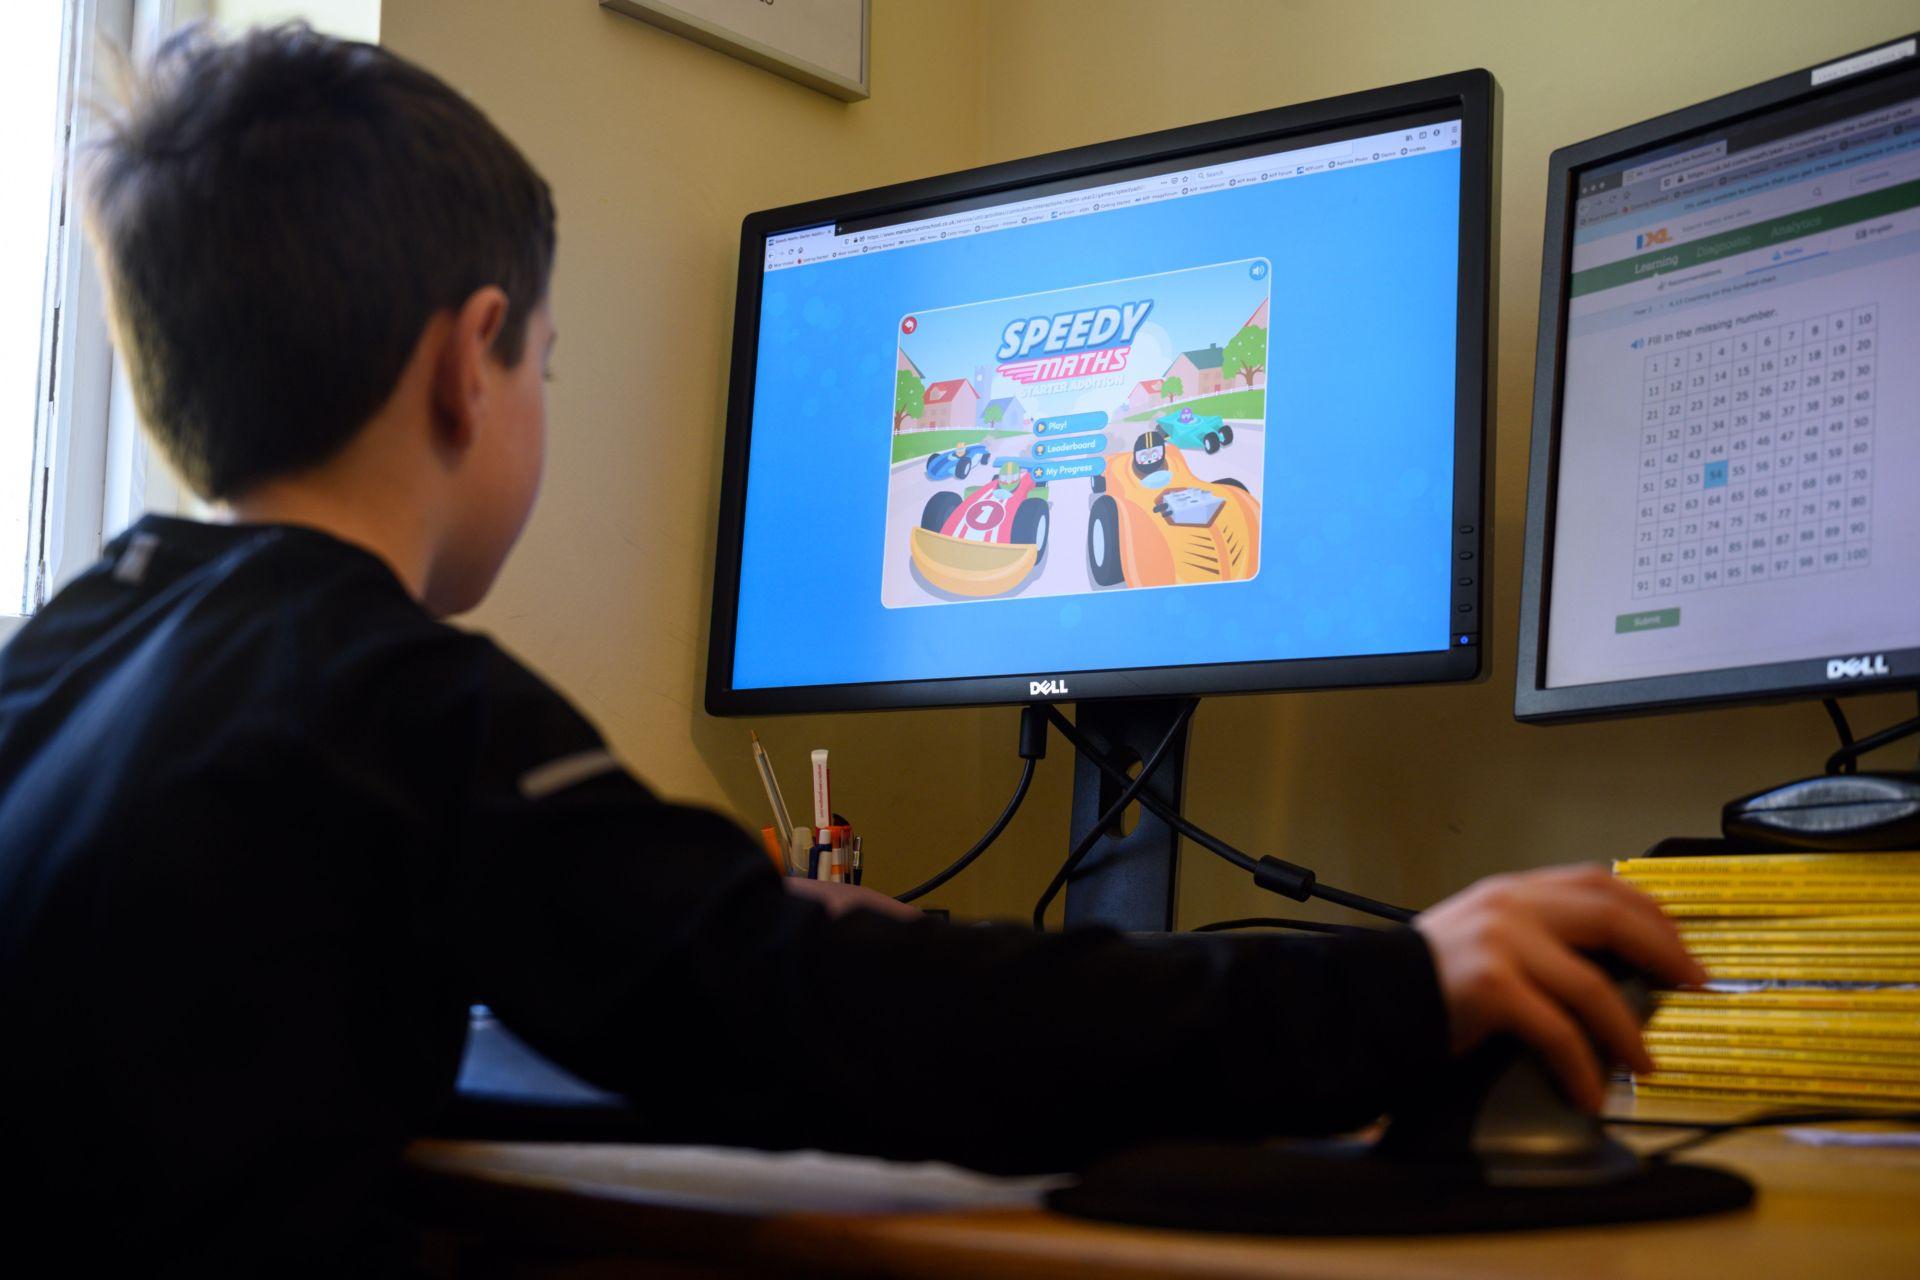 Parental Controls giúp kiểm soát trẻ em sử dụng máy tính Windows 10